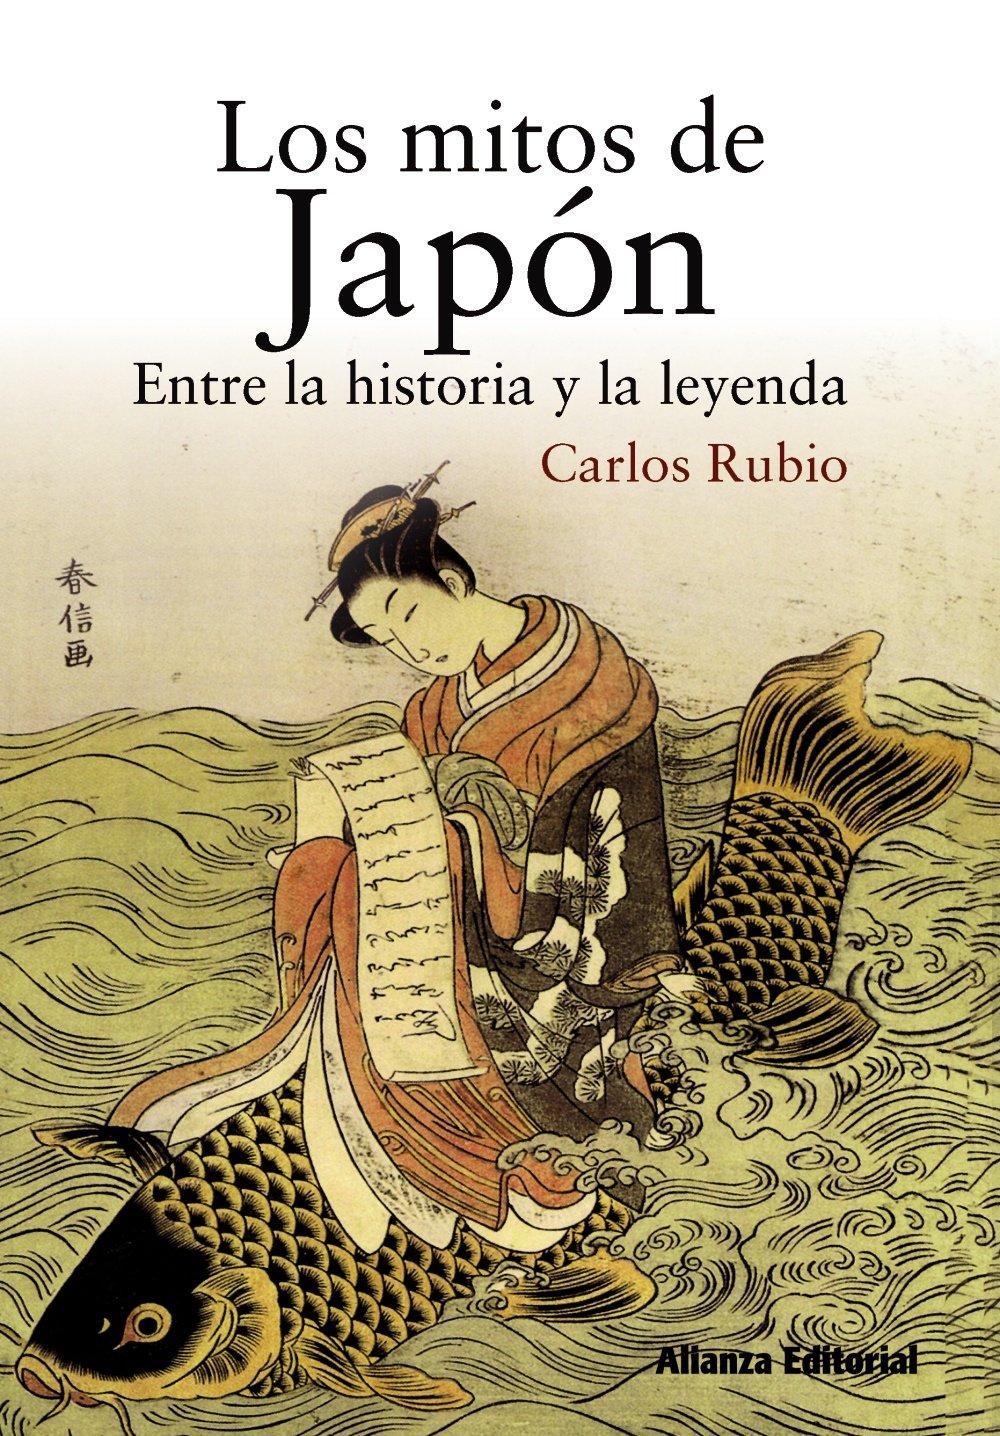 Read Online Los mitos de Japón / The myths of Japan: Entre la historia y la leyenda / Between History and Legend (Spanish Edition) PDF